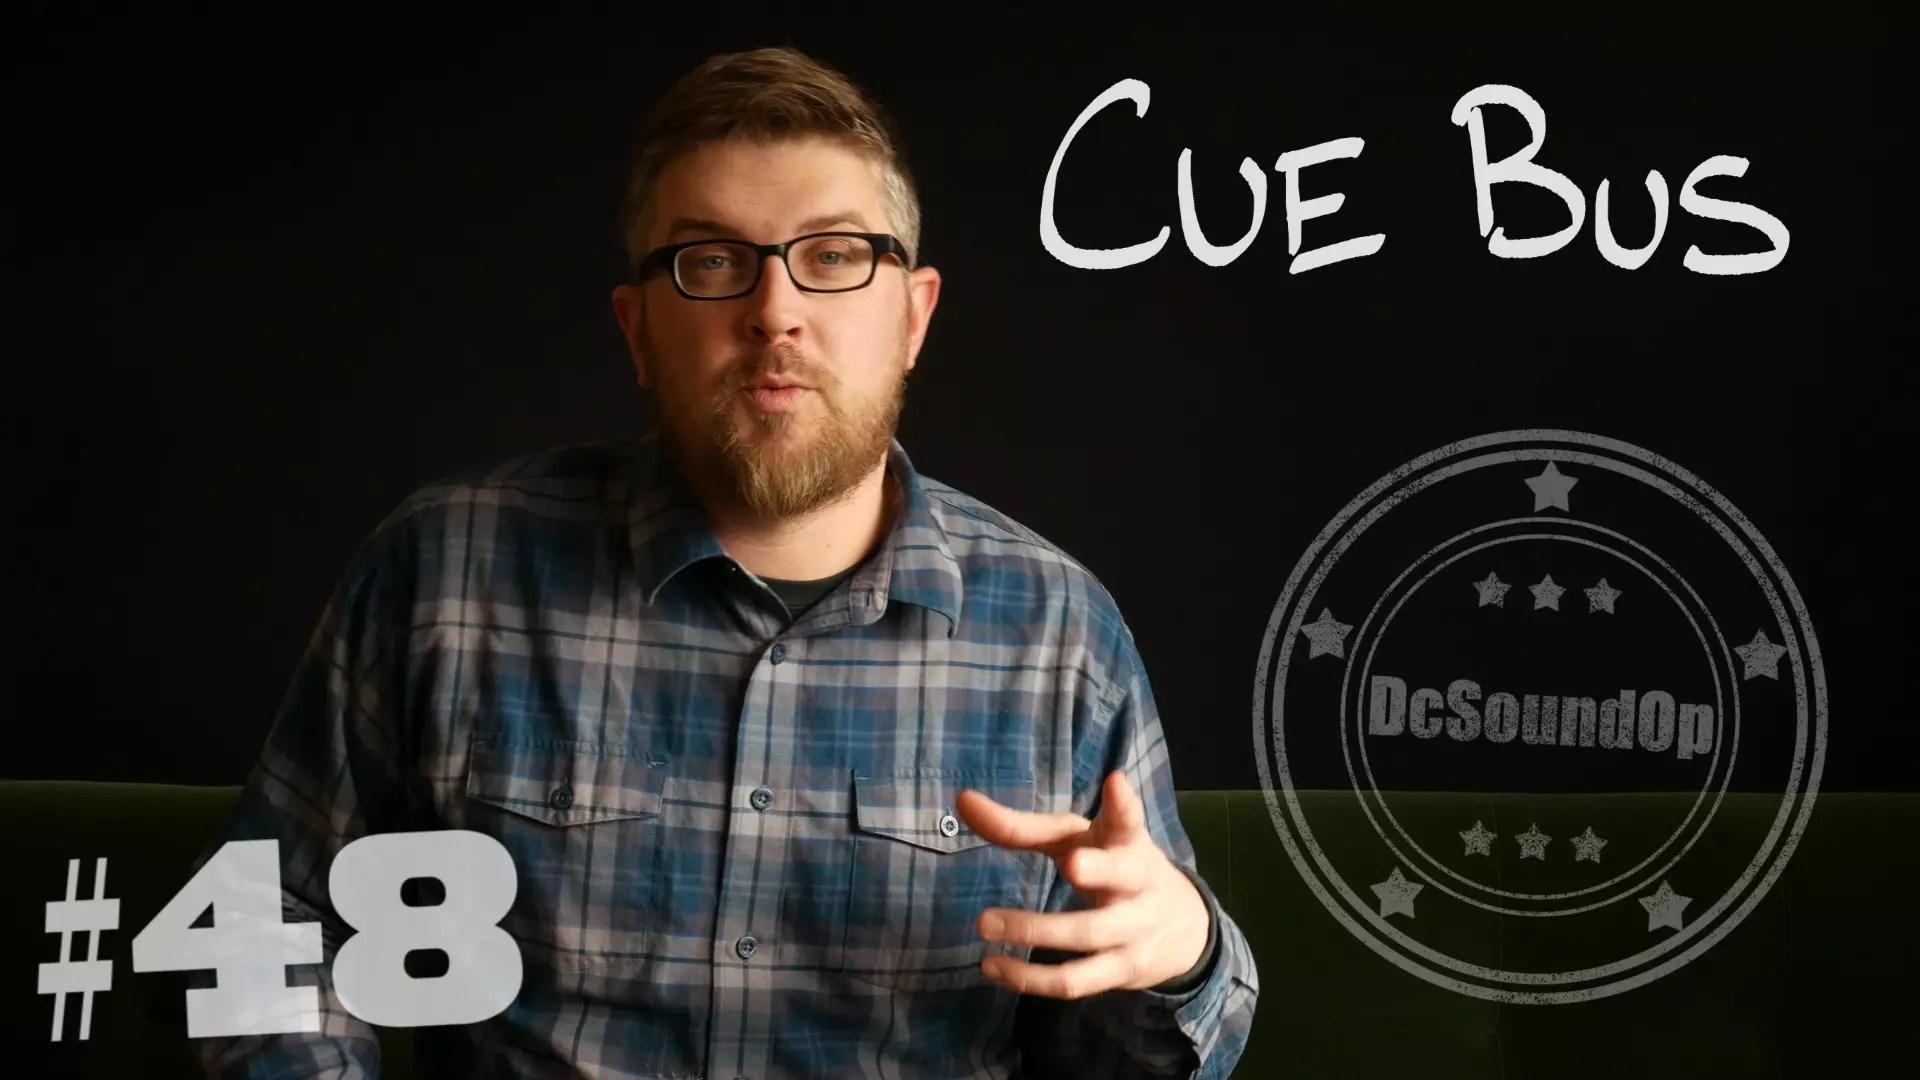 Cue Bus basics – how do you cue?